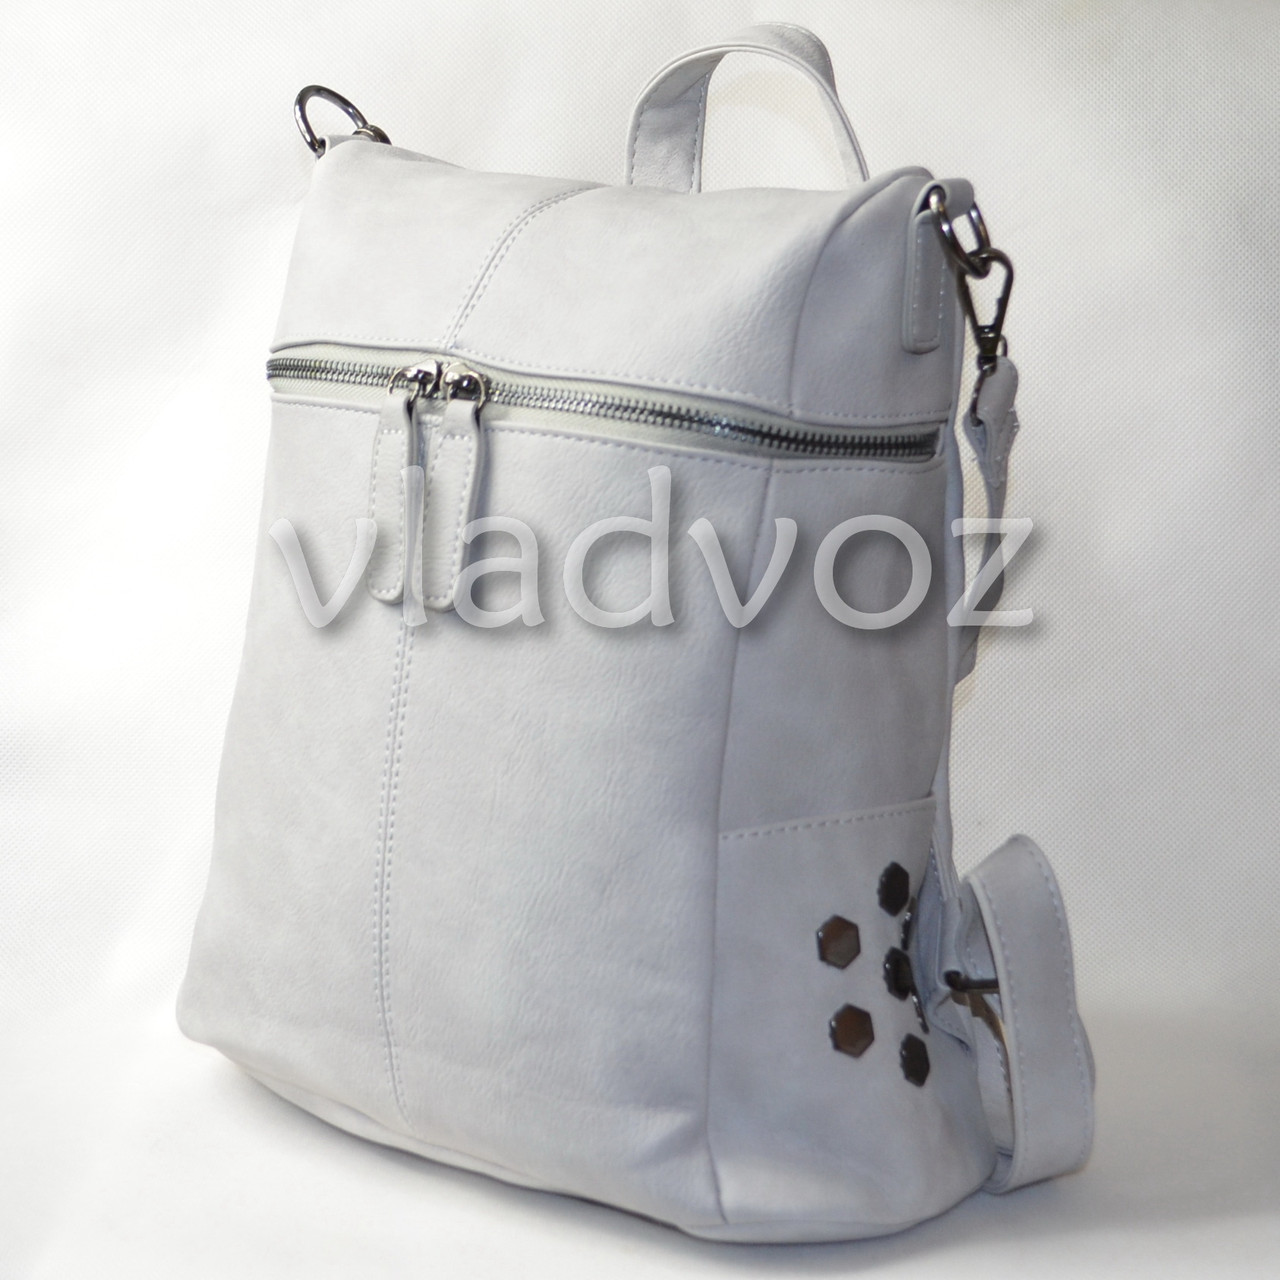 3cecc8839484 Городской женский молодежный модный стильный рюкзак сумка серый - интернет  магазин vladvoz.in.ua